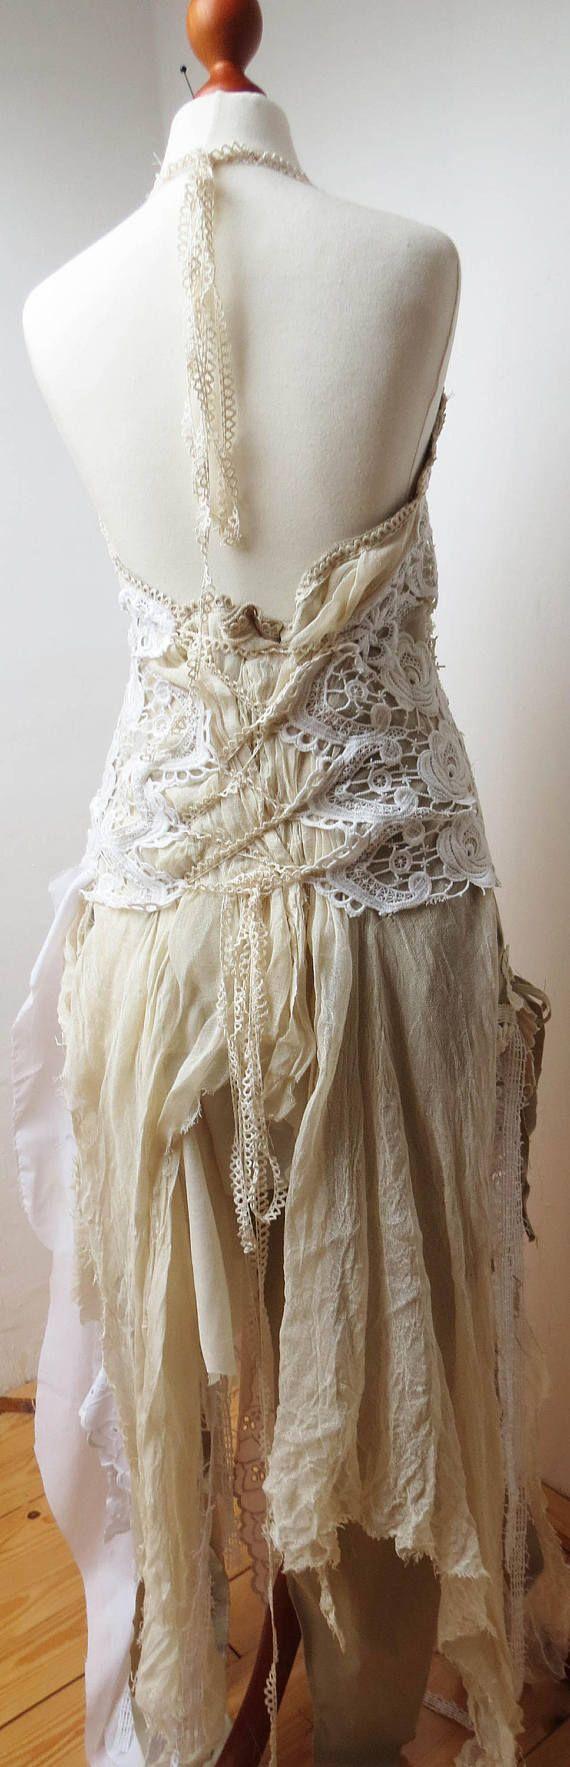 Wald Elfen Hochzeit Brautkleid Hochzeitskleid Kleid Festival